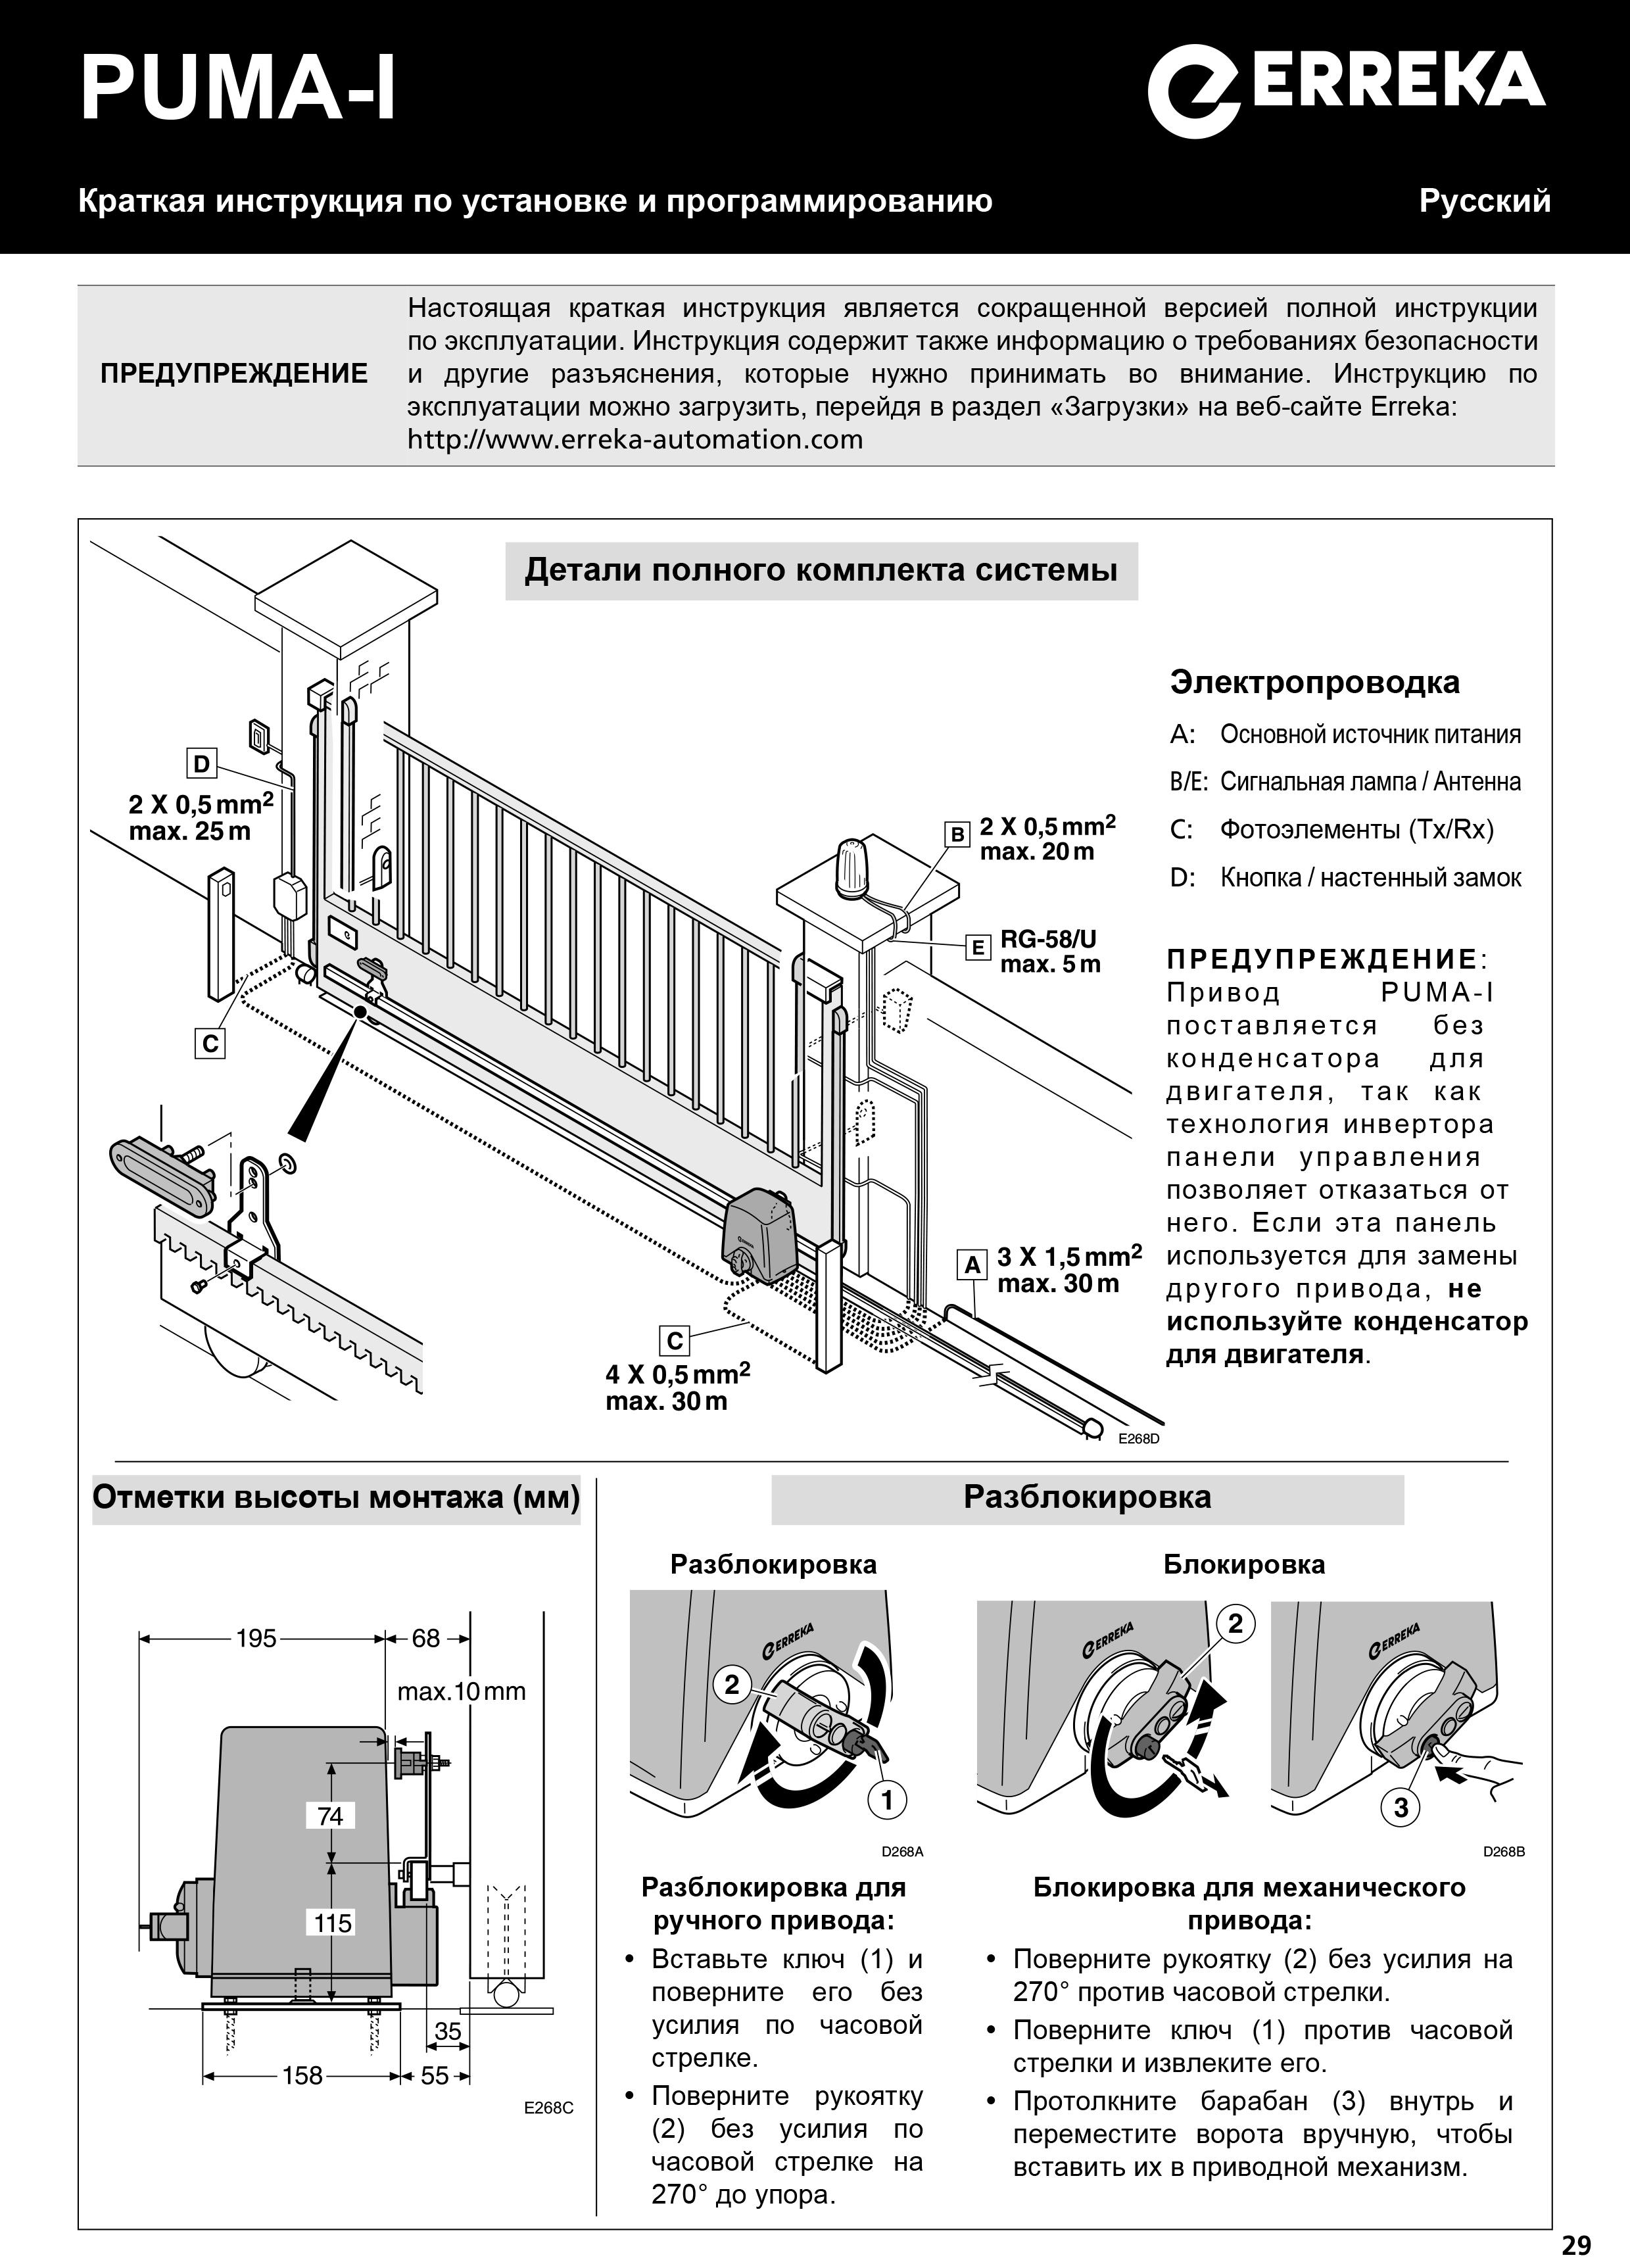 Інструкція по експлуатації  привору PUMA-I